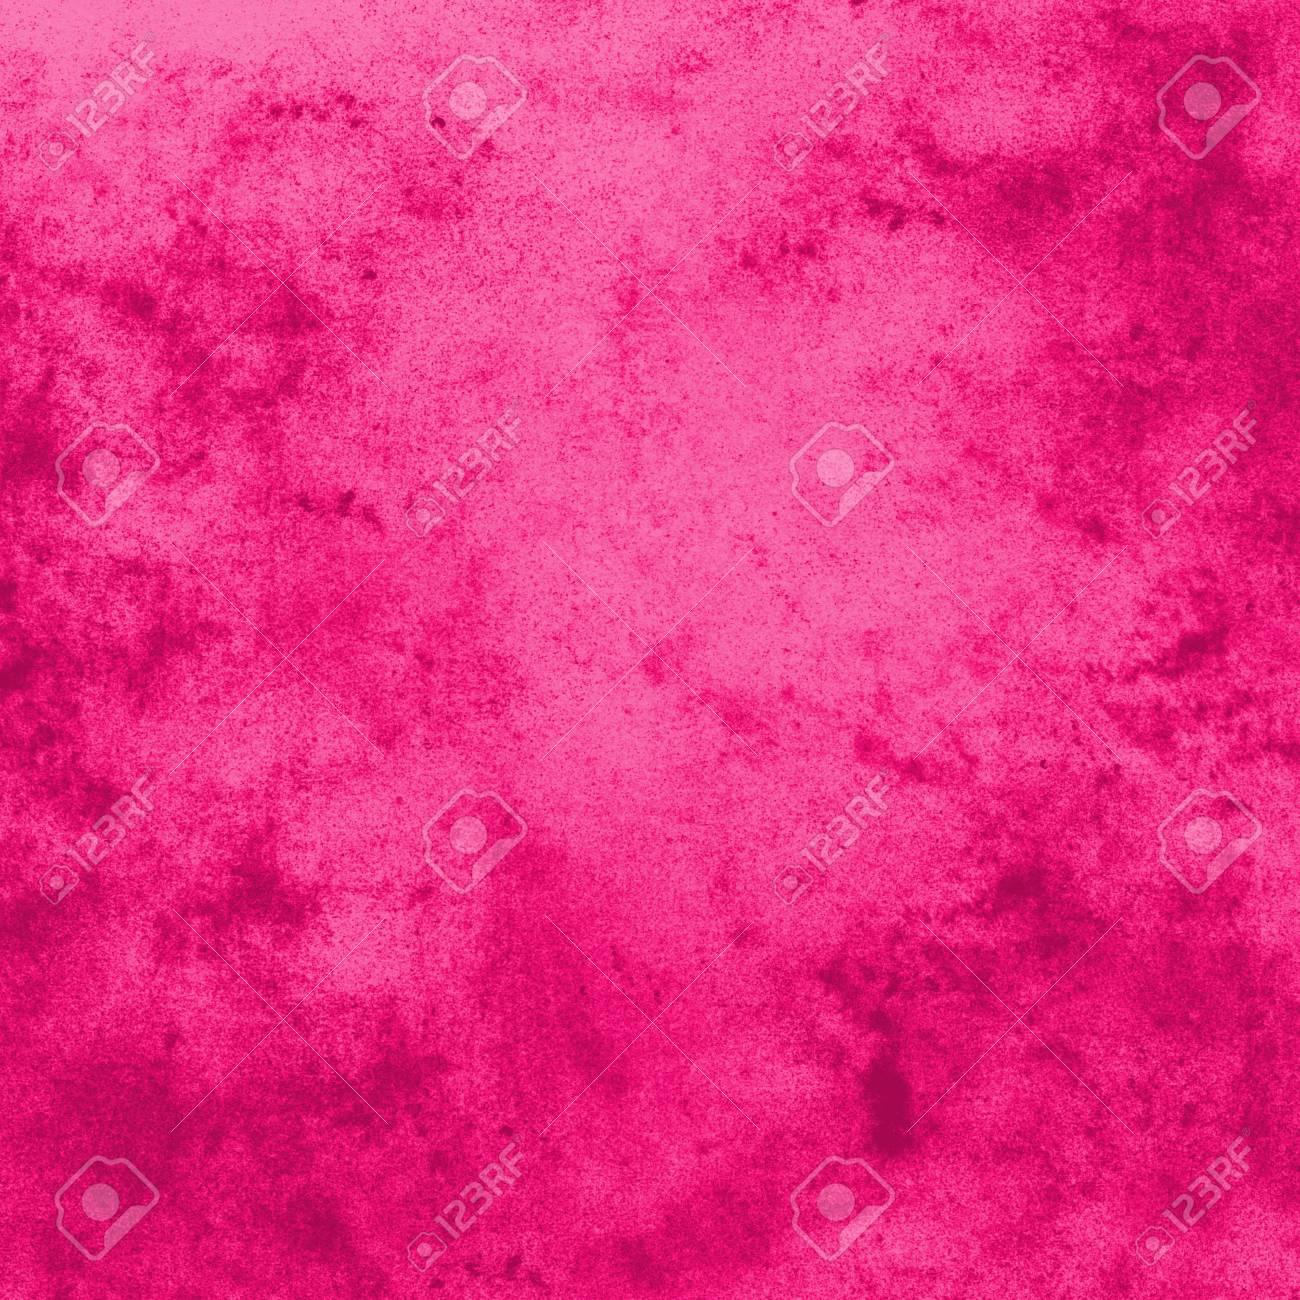 Grunge De Fondo De Color Rosa Y Blanco, Ilustración De Fondo De ...